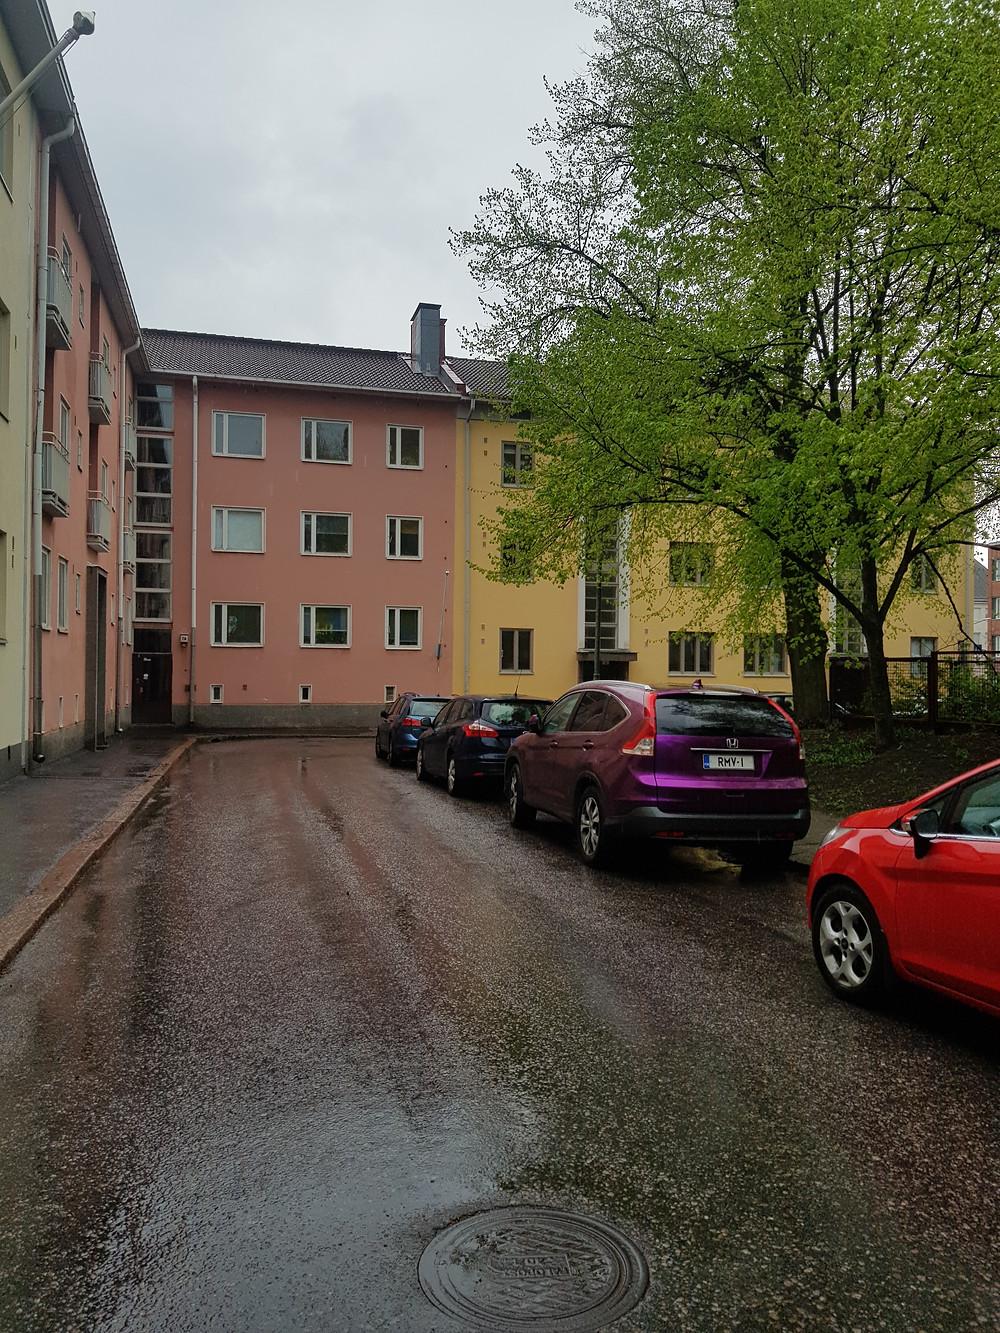 Kuvassa on vihreä, punainen ja keltainen kerrostalon seinämä, sateen jälkeinen märkä asfaltti ja värikkäitä autoja tiensivuun parkkeerattuna.